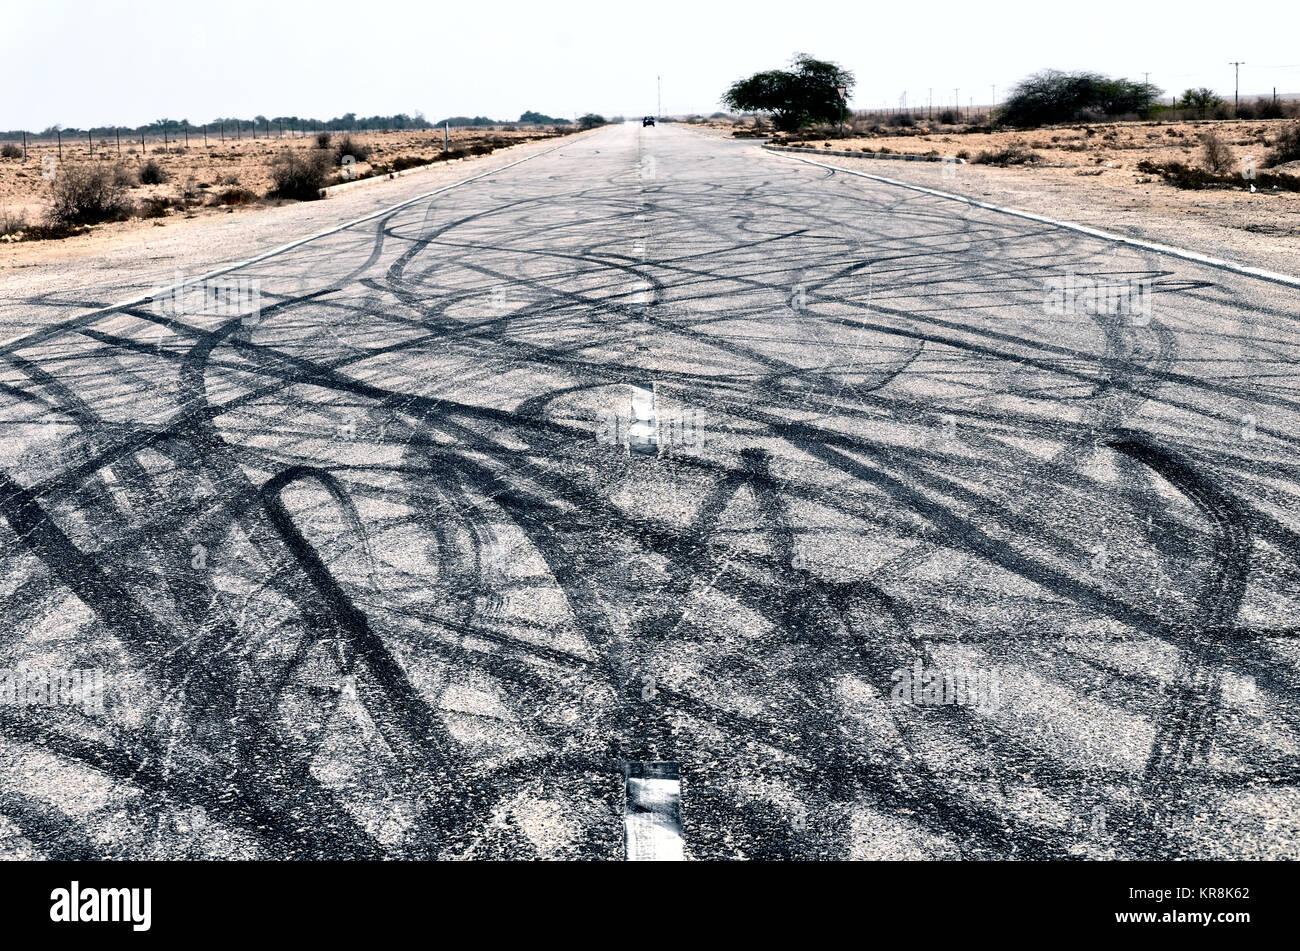 L'art de la route créé par la dérive, une voiture sport aventureux des jeunes dans le Moyen-Orient Photo Stock